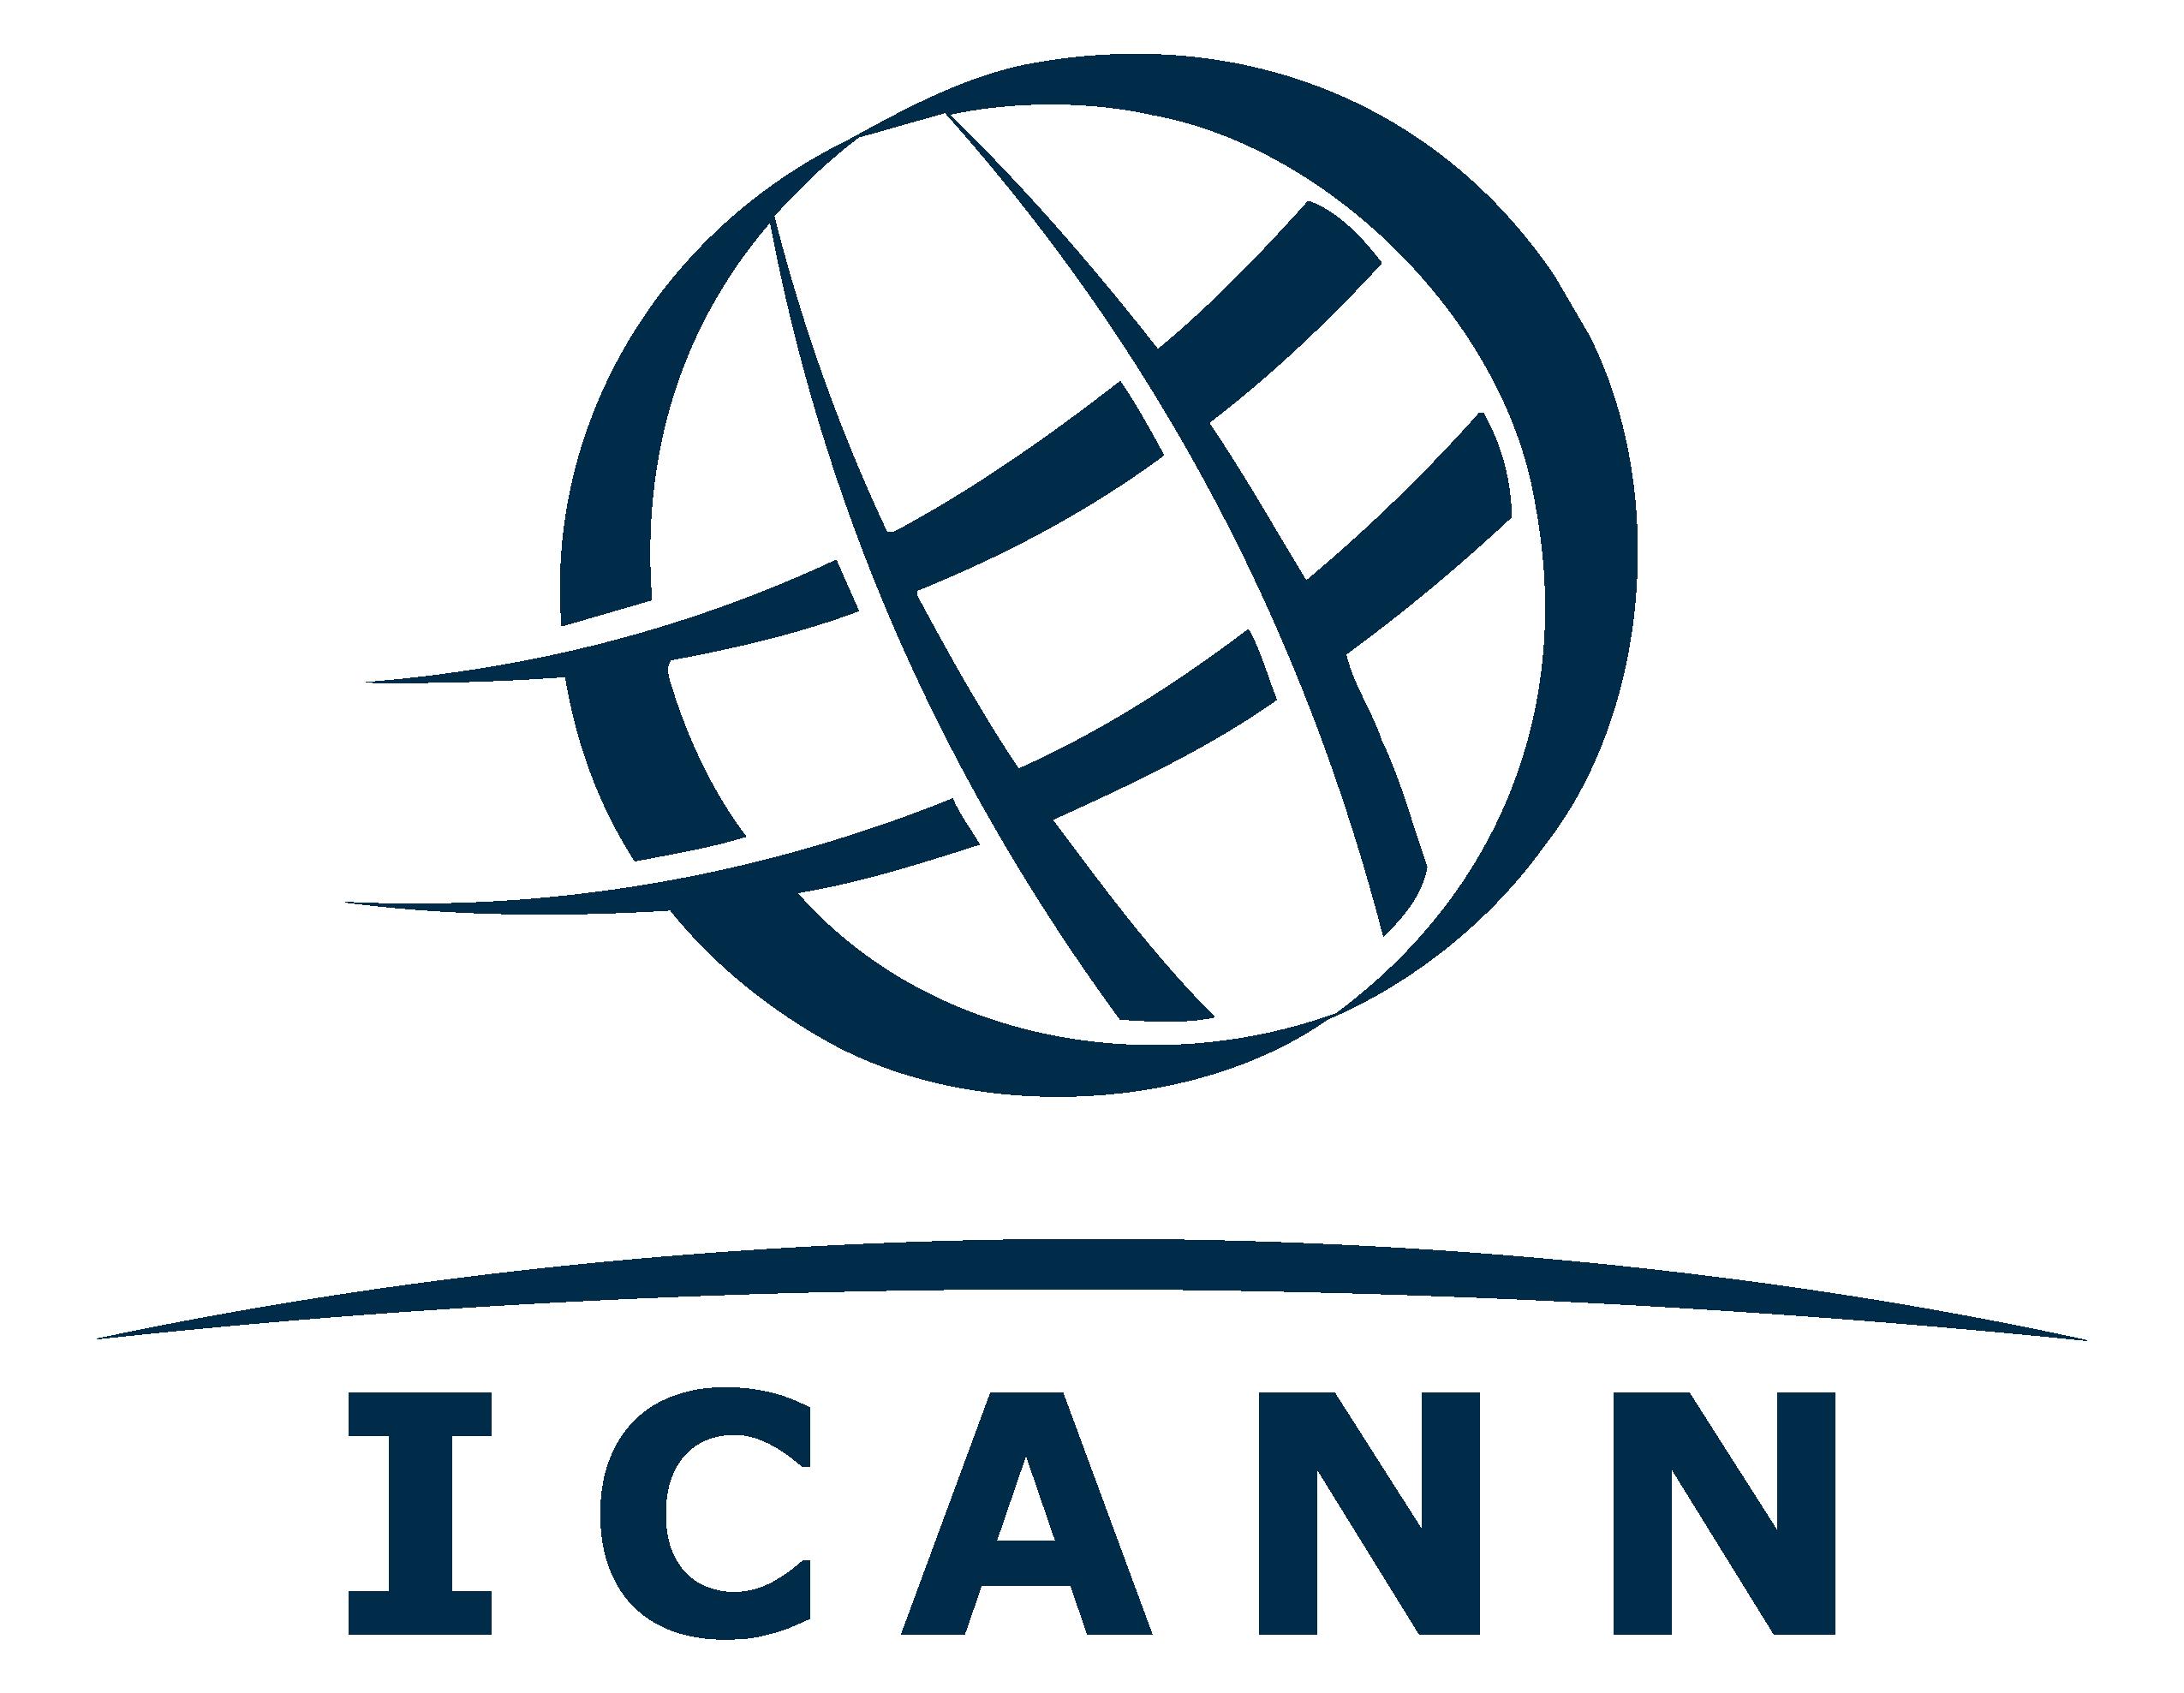 Résultats de recherche d'images pour «icann logo»